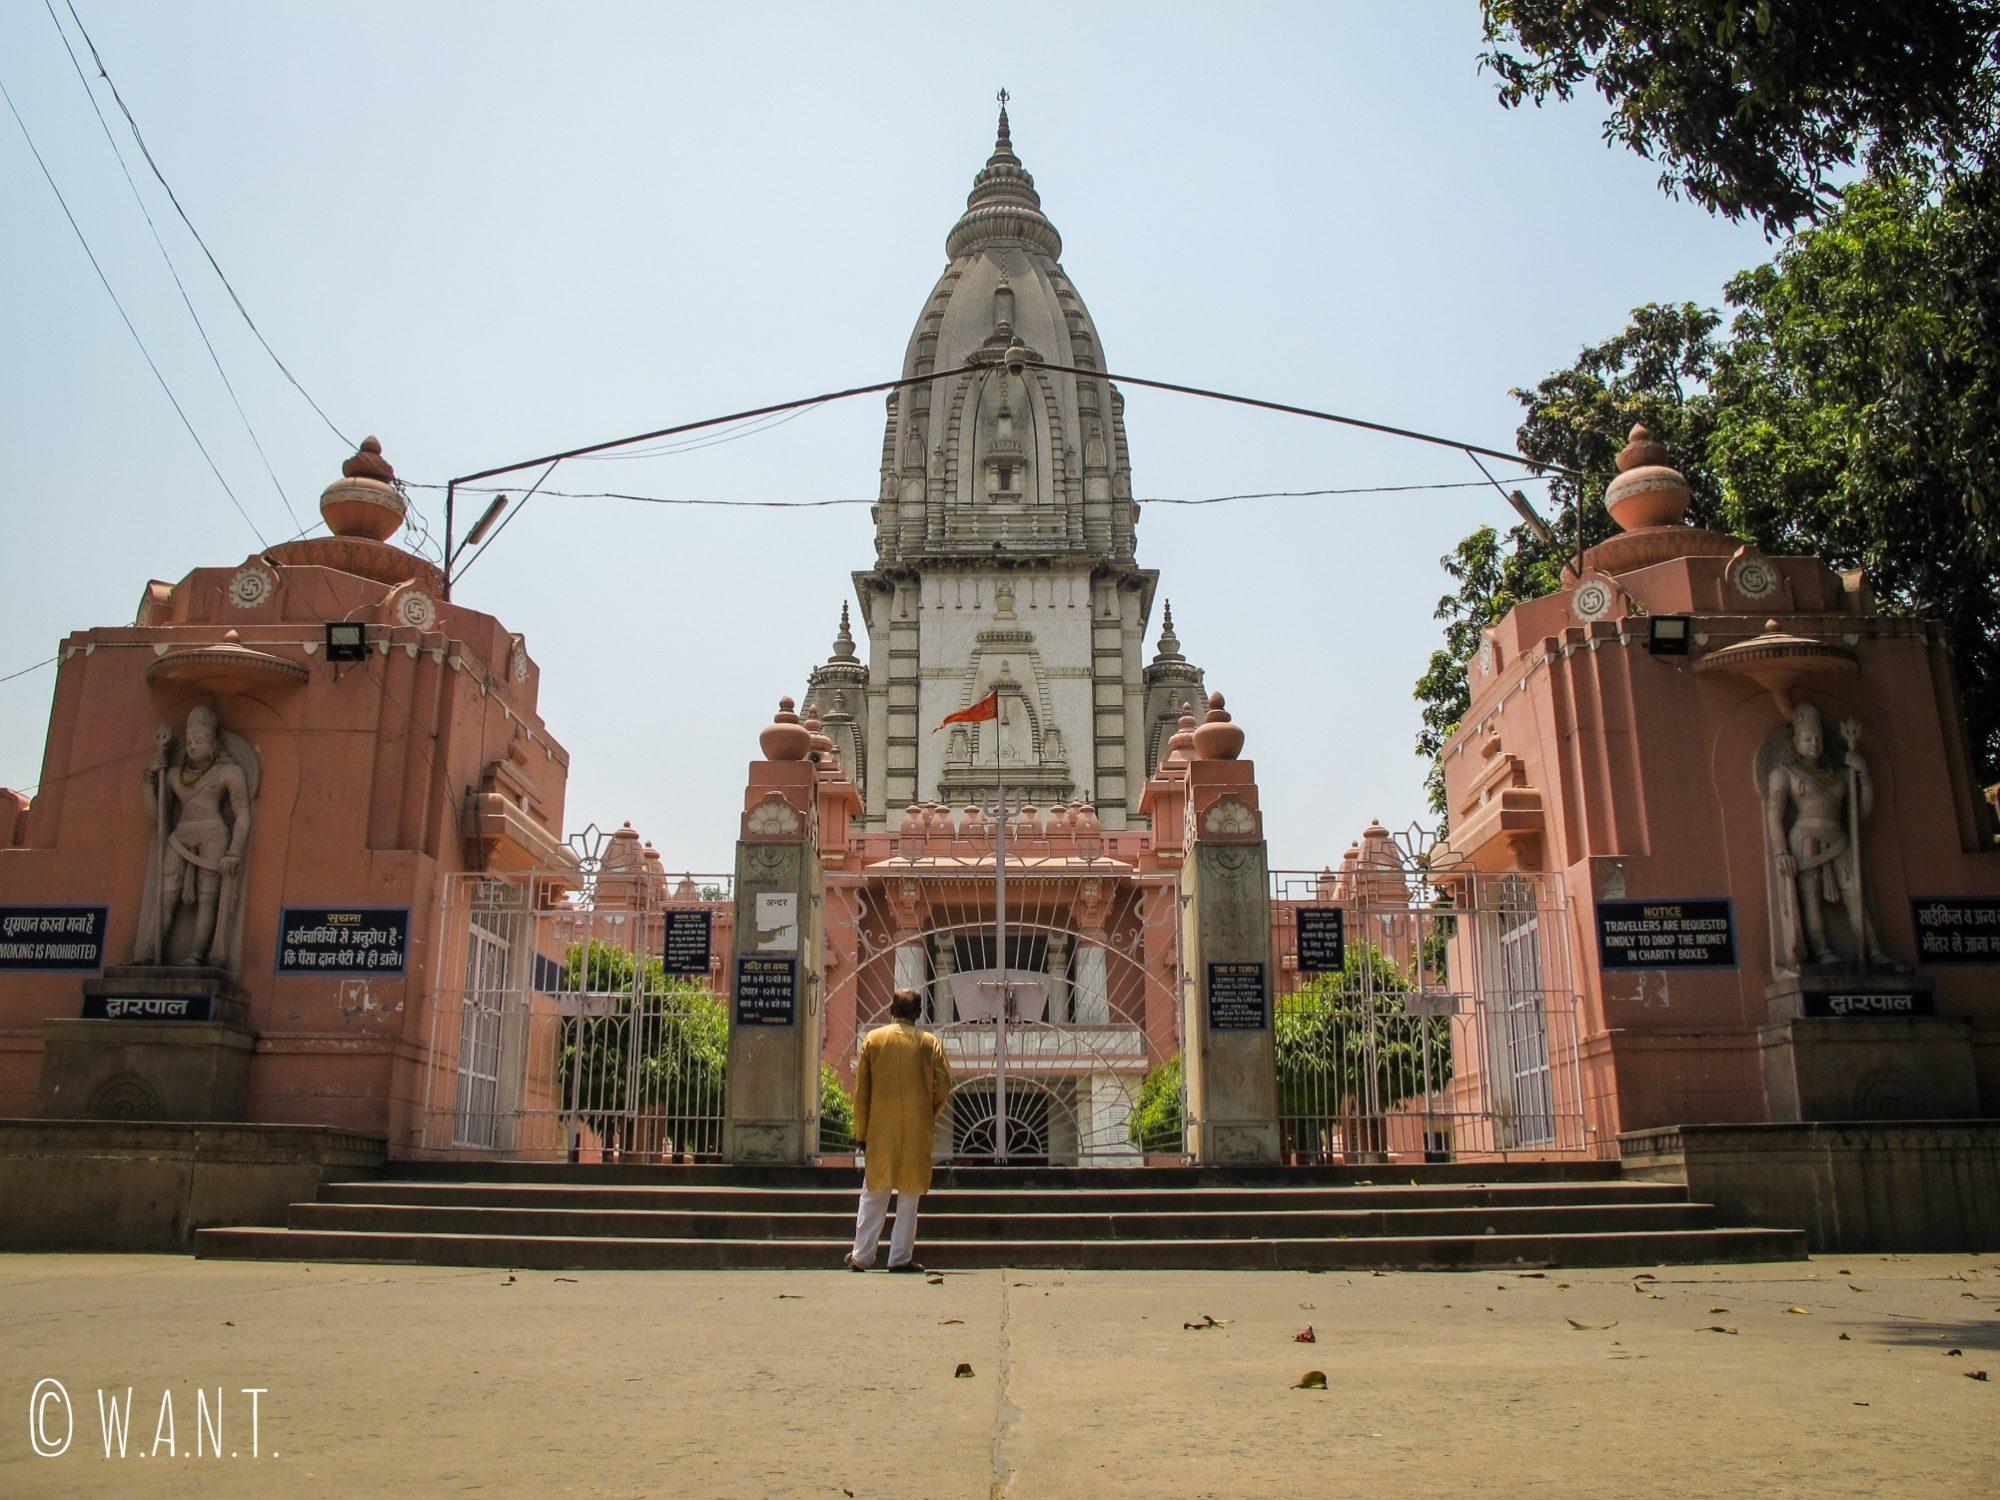 Vishwanath temple situé au centre du complexe universitaire Banaras Hindu